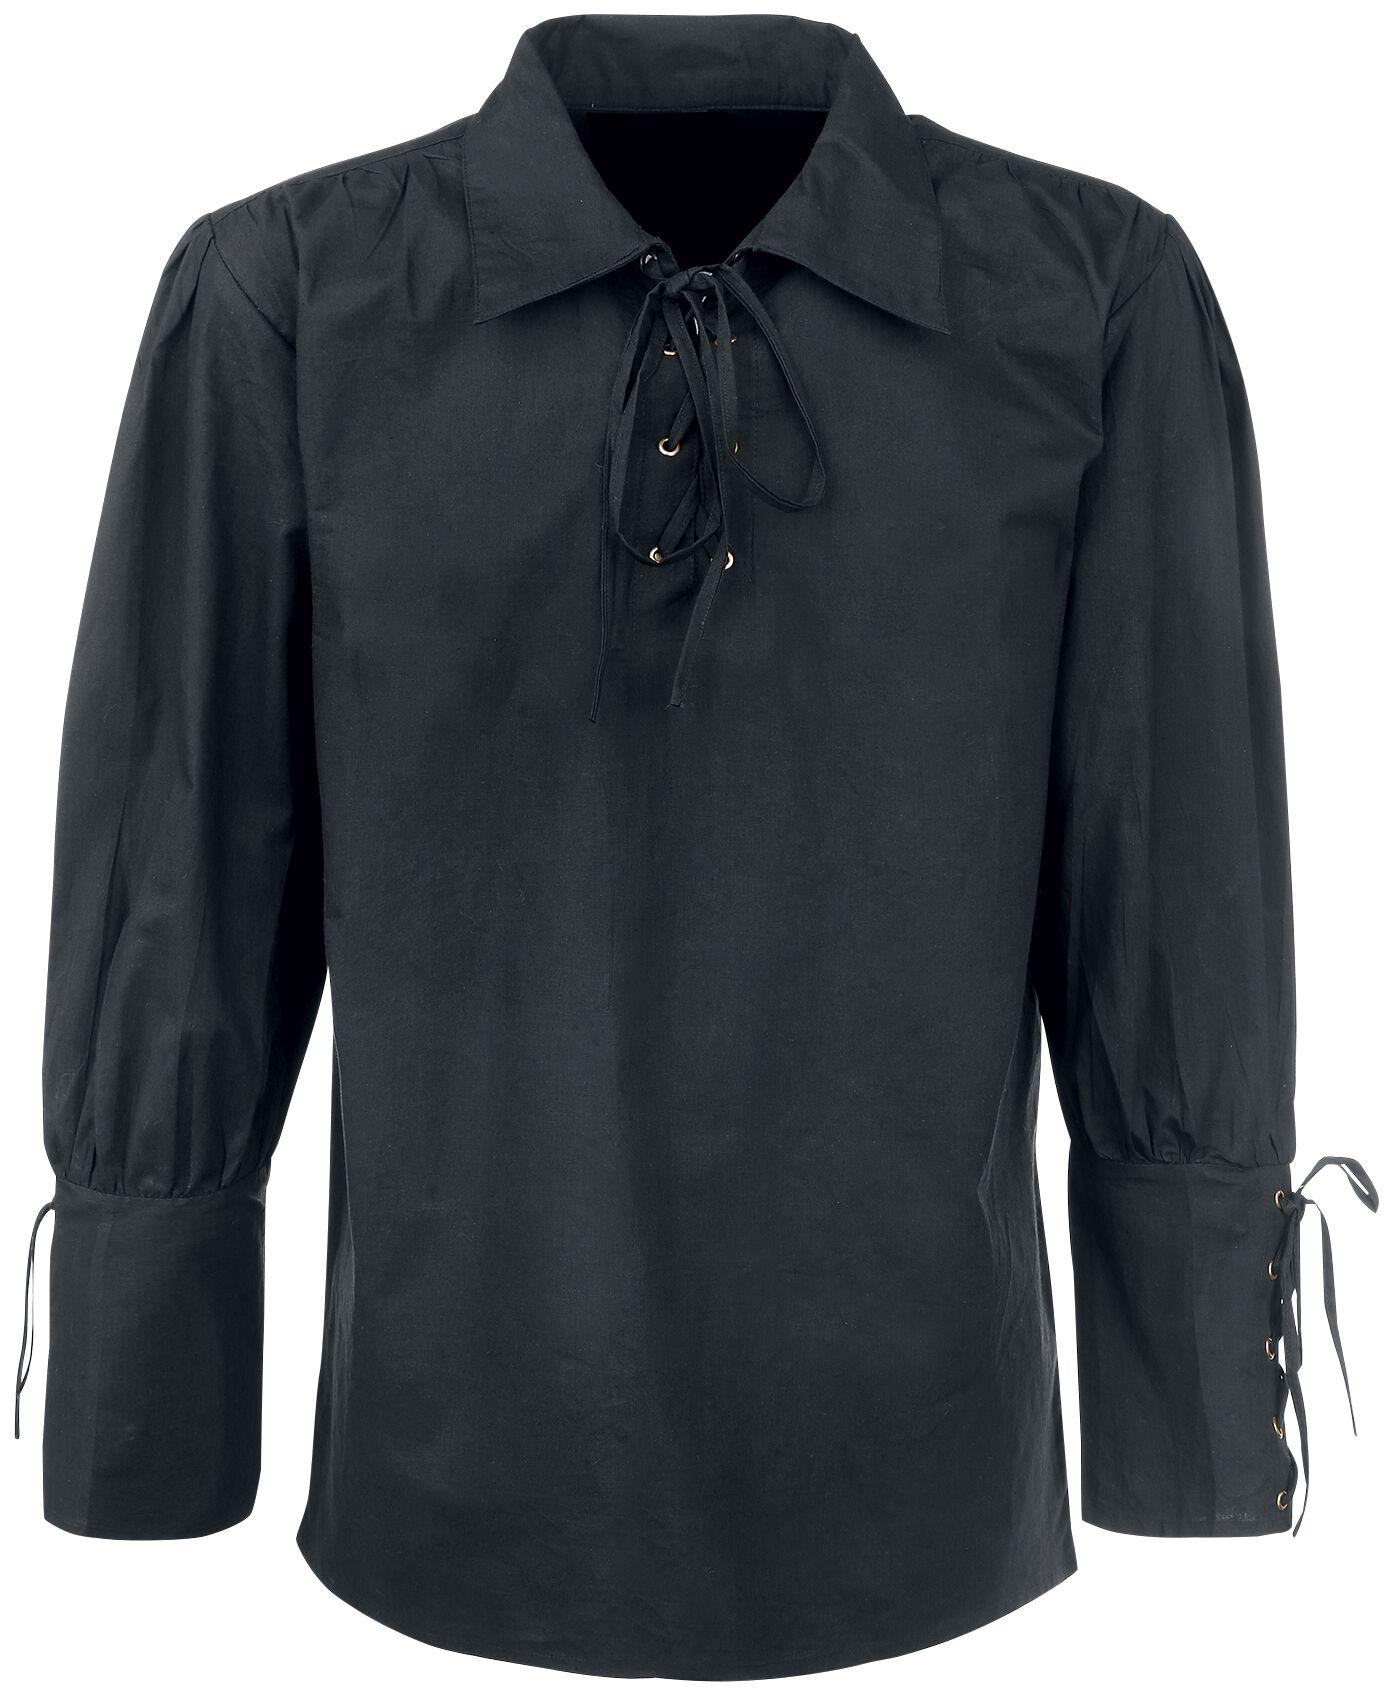 Motyw - Koszule z długim rękawem - Koszula Medieval Koszula z wiązaniem Koszula czarny - 315078